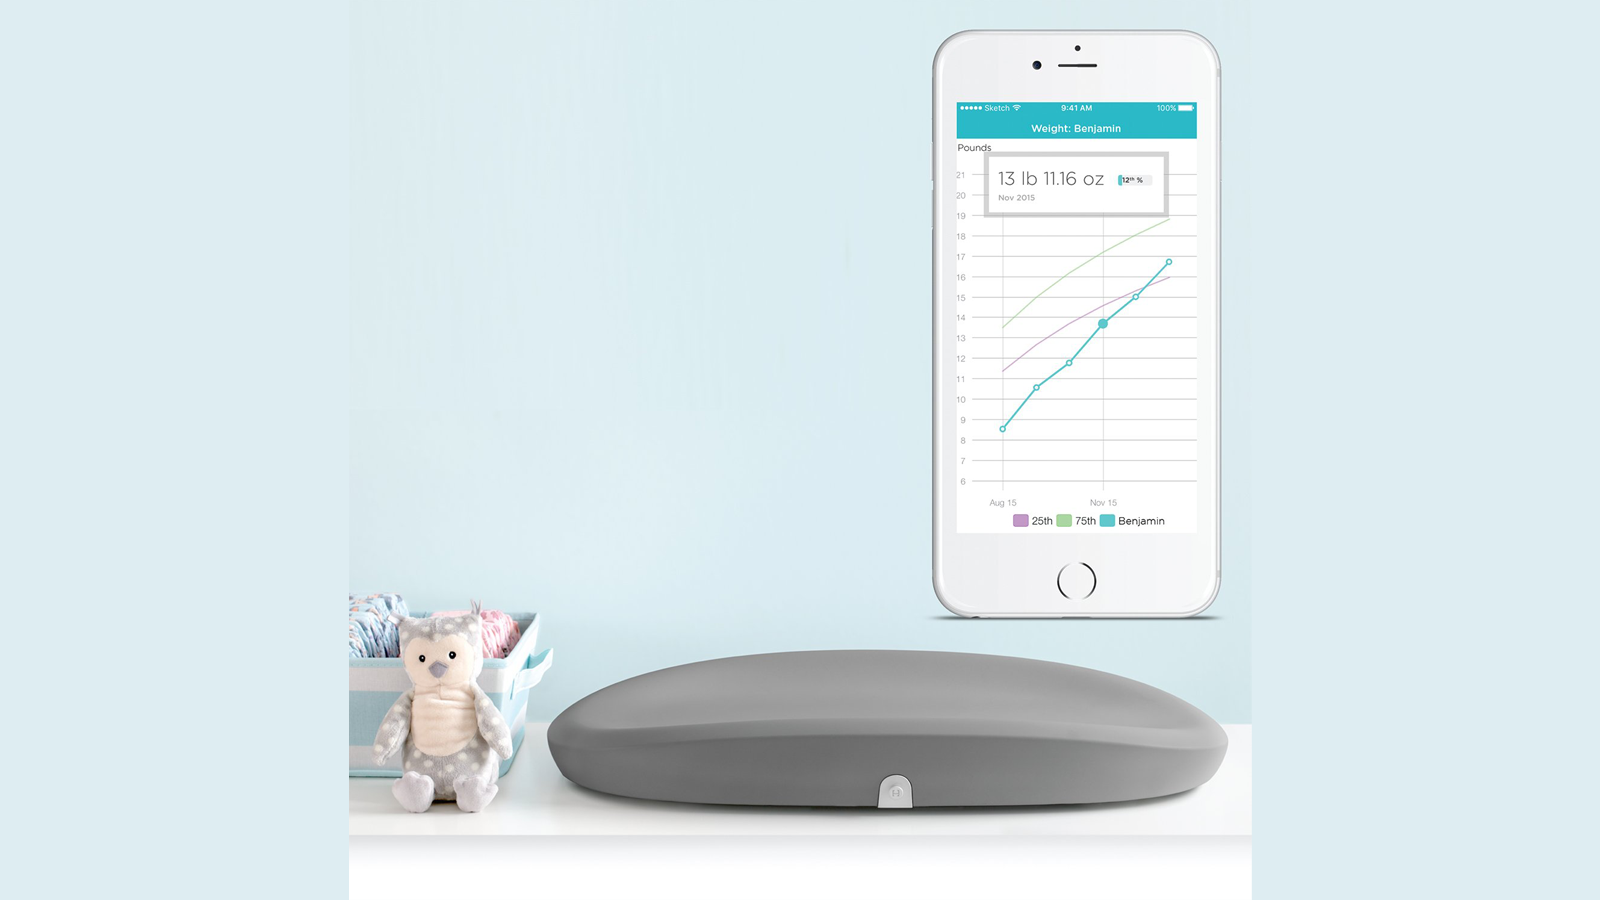 احتضن سجادة التغيير الذكية لنمو الطفل على الطاولة بجانب ألعاب الأطفال اللطيفة وتطبيق الهاتف المصاحب على هاتفك الذكي